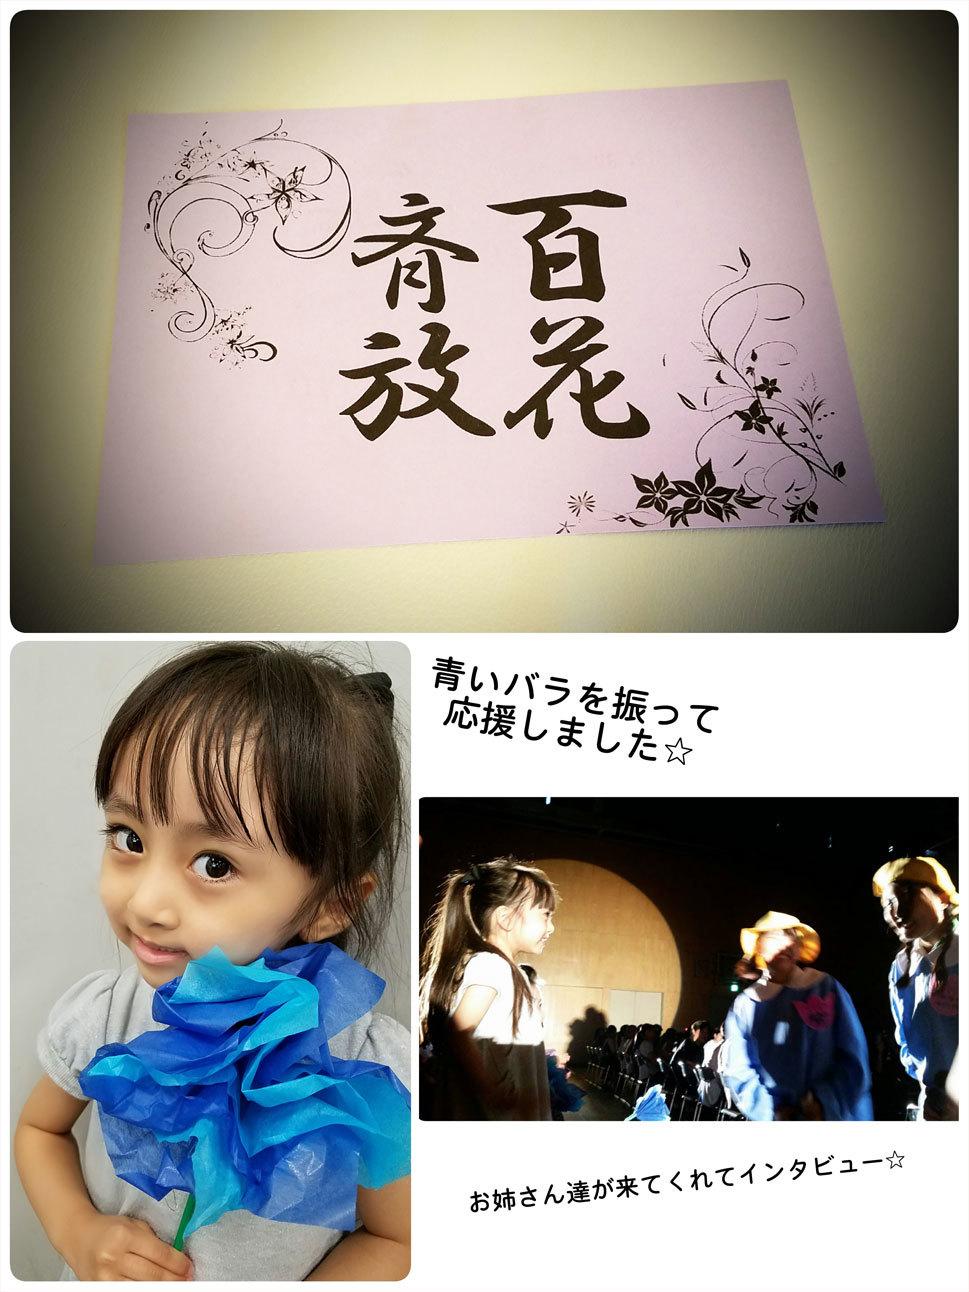 教育現場の生徒chan達…今期初お披露目でした!_d0224894_05190444.jpg